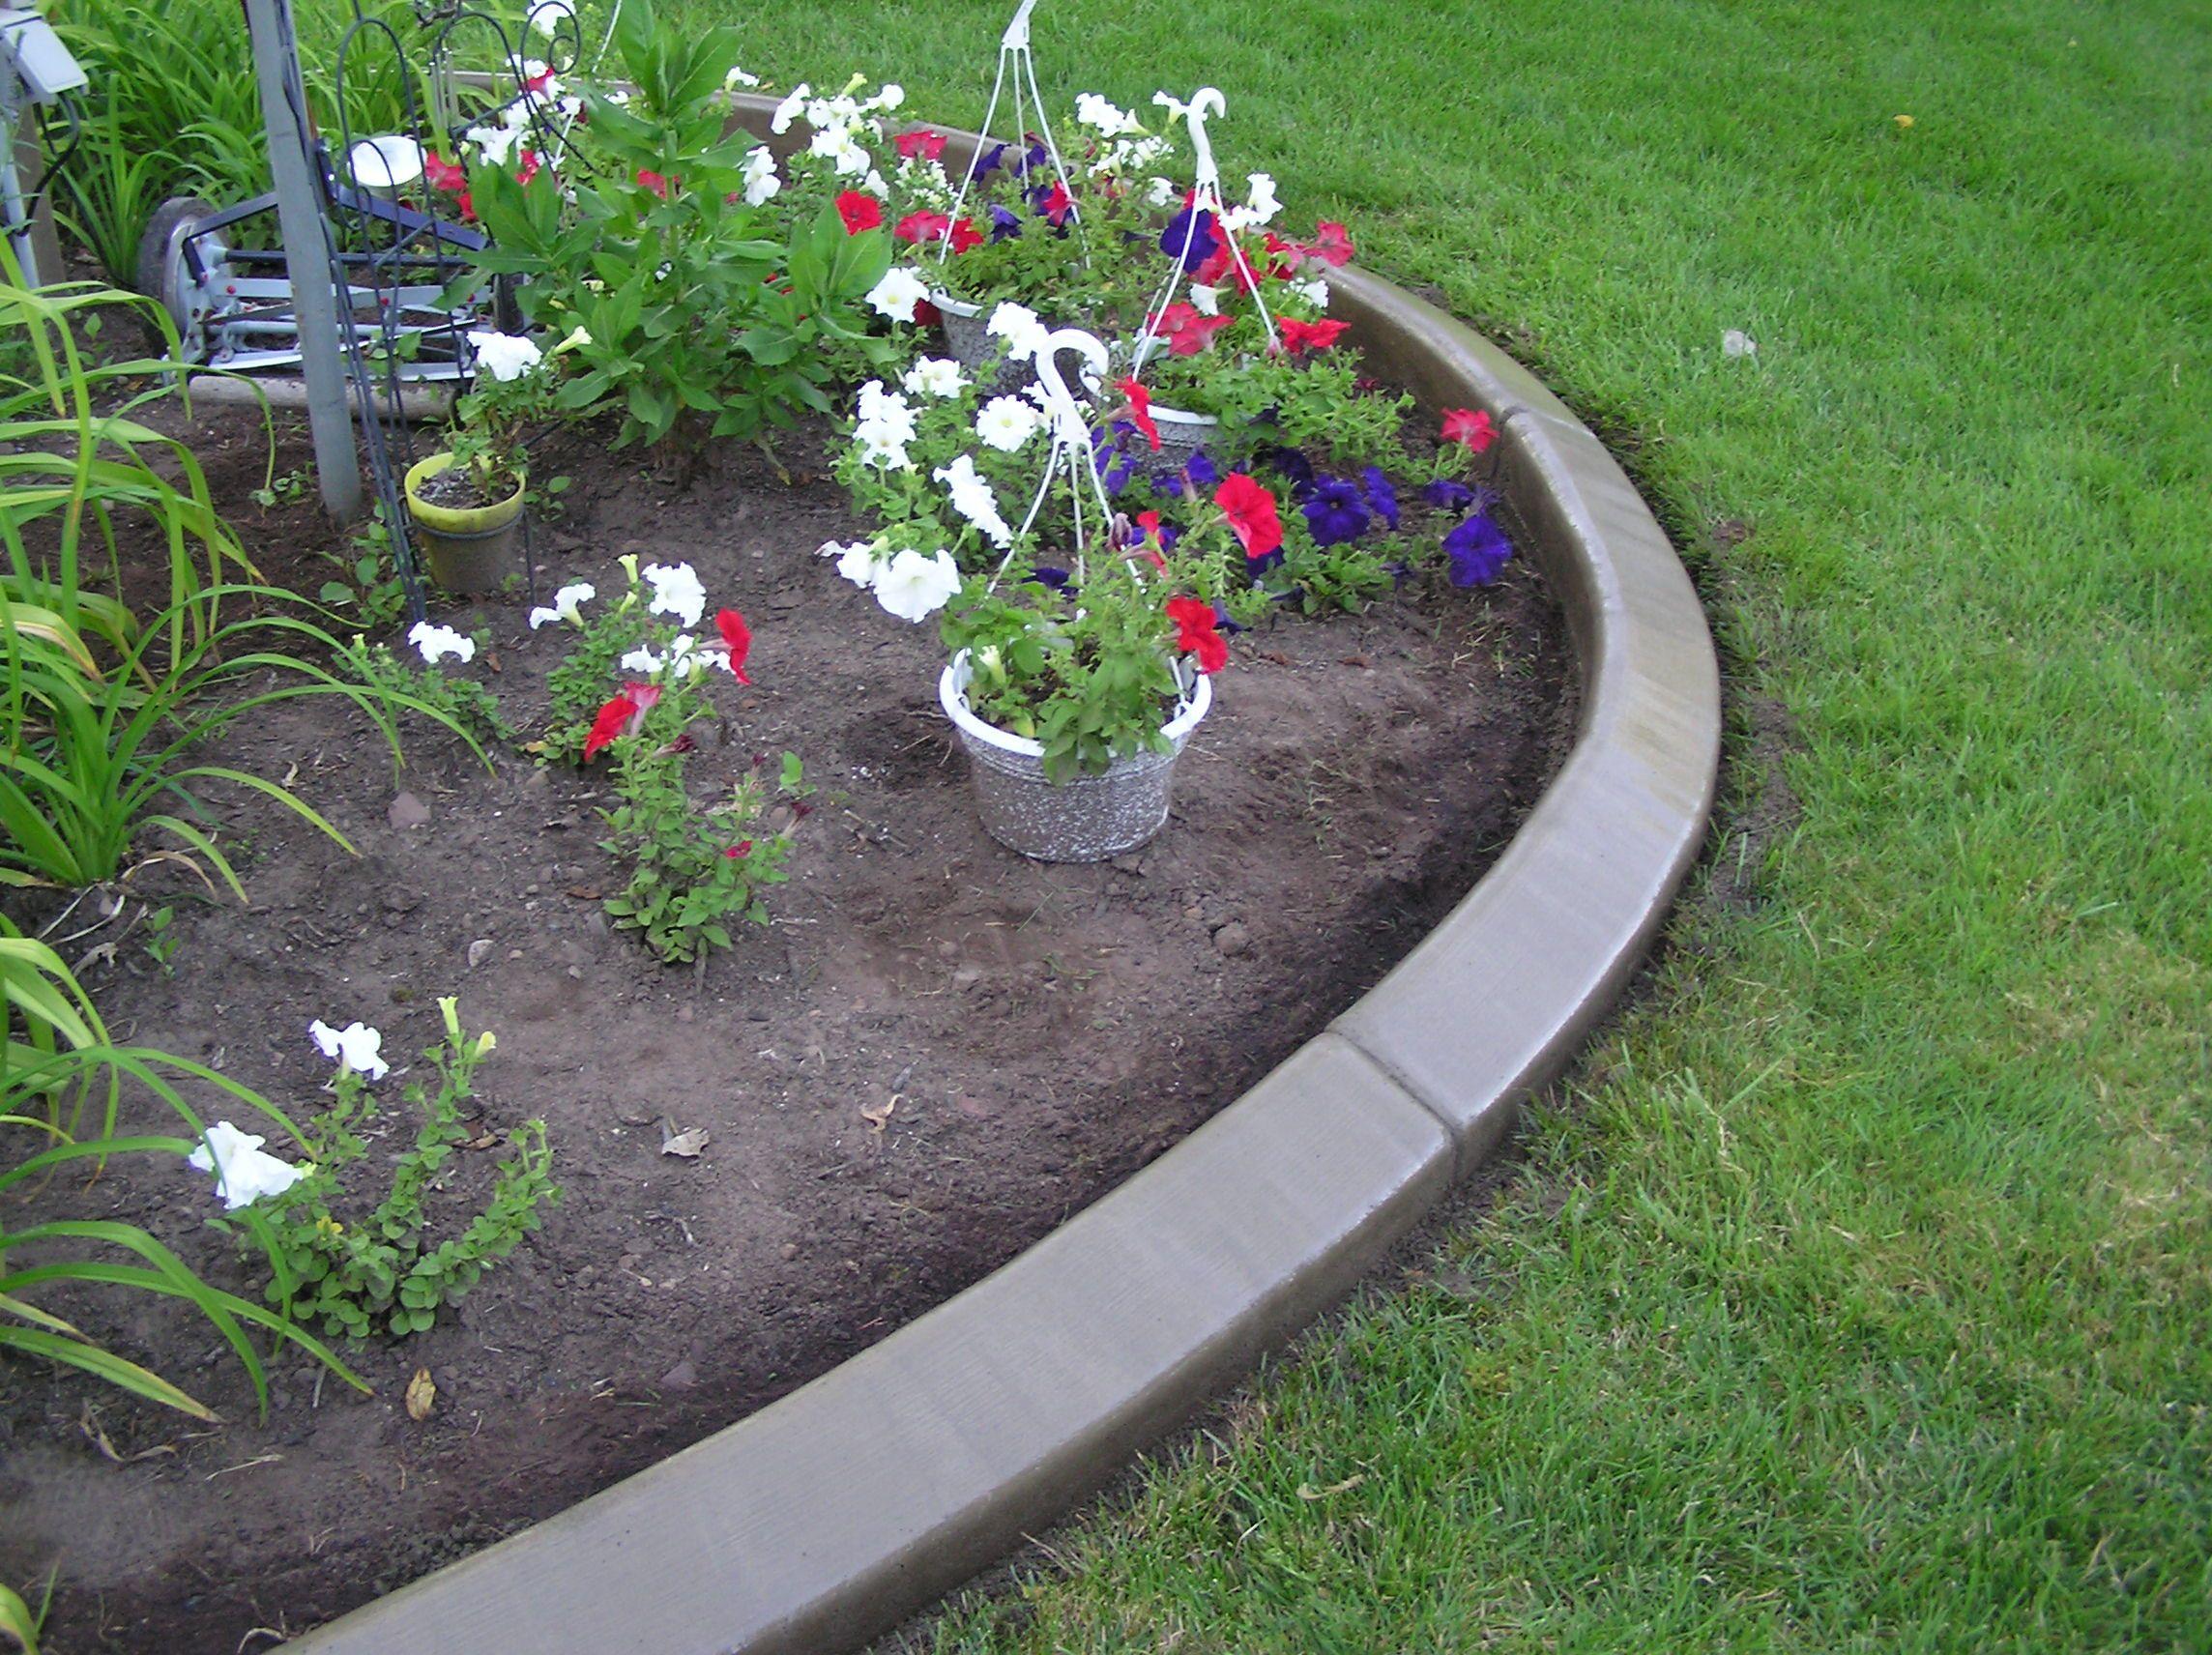 garden edging design ideas photo - 10